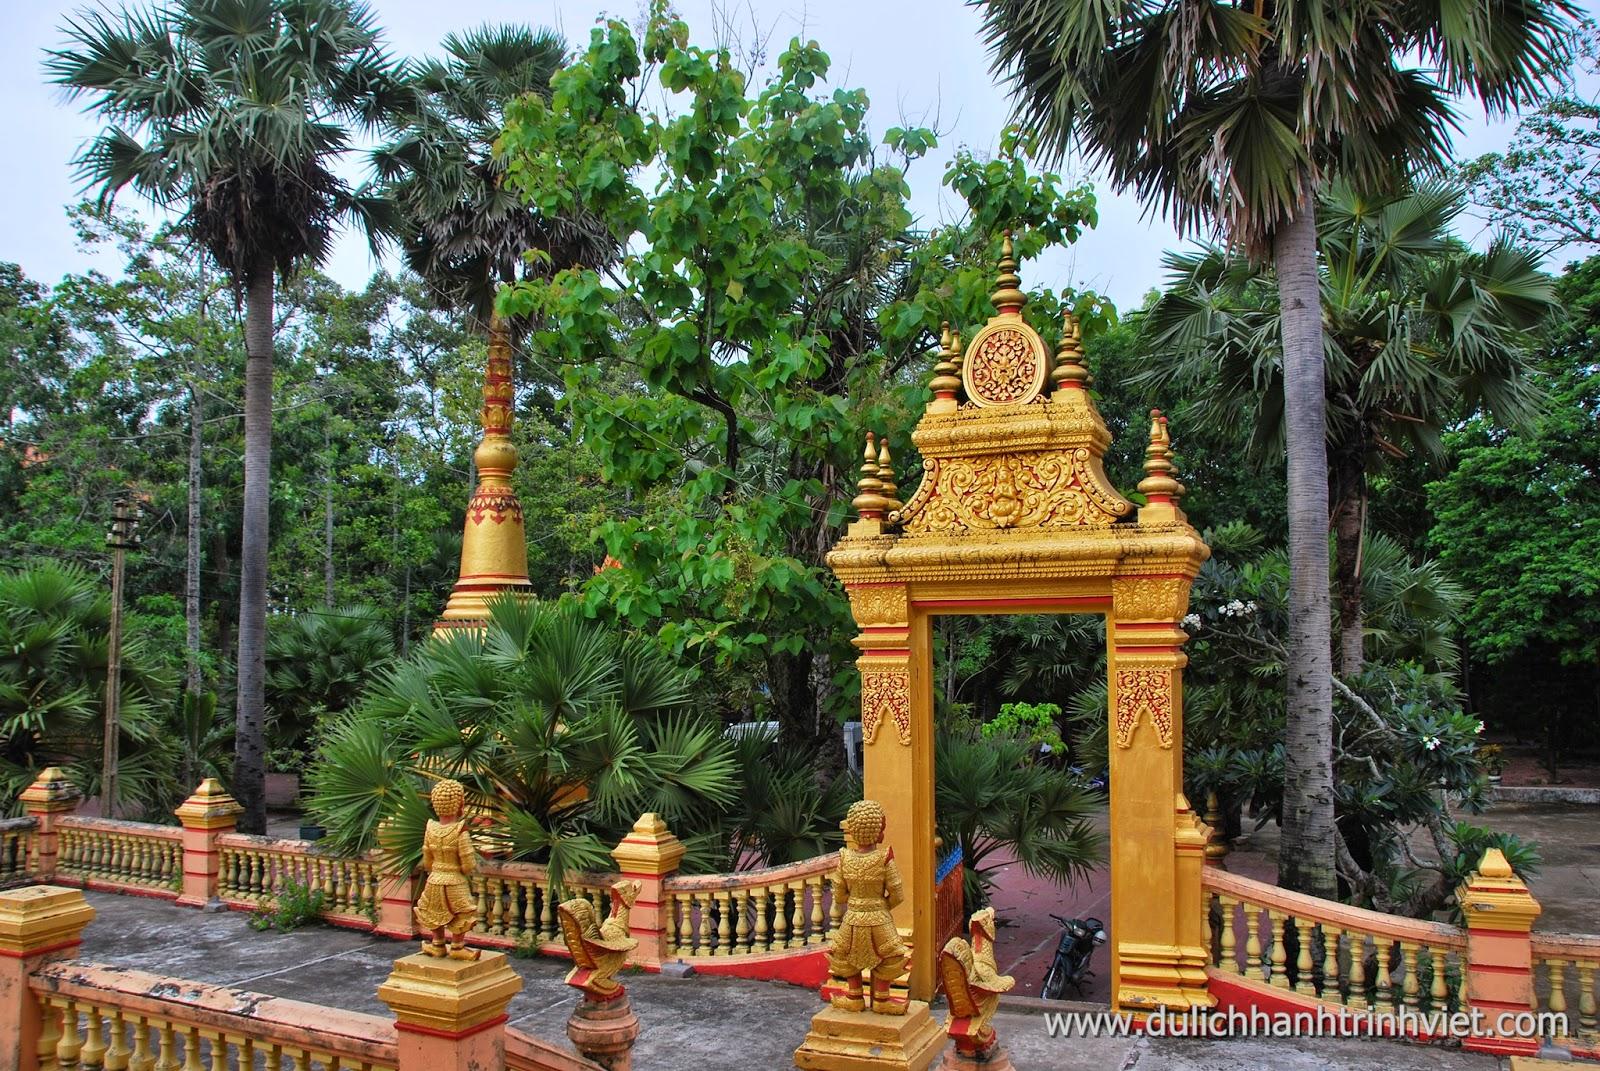 Viếng chùa Khleang ở Sóc Trăng 2014